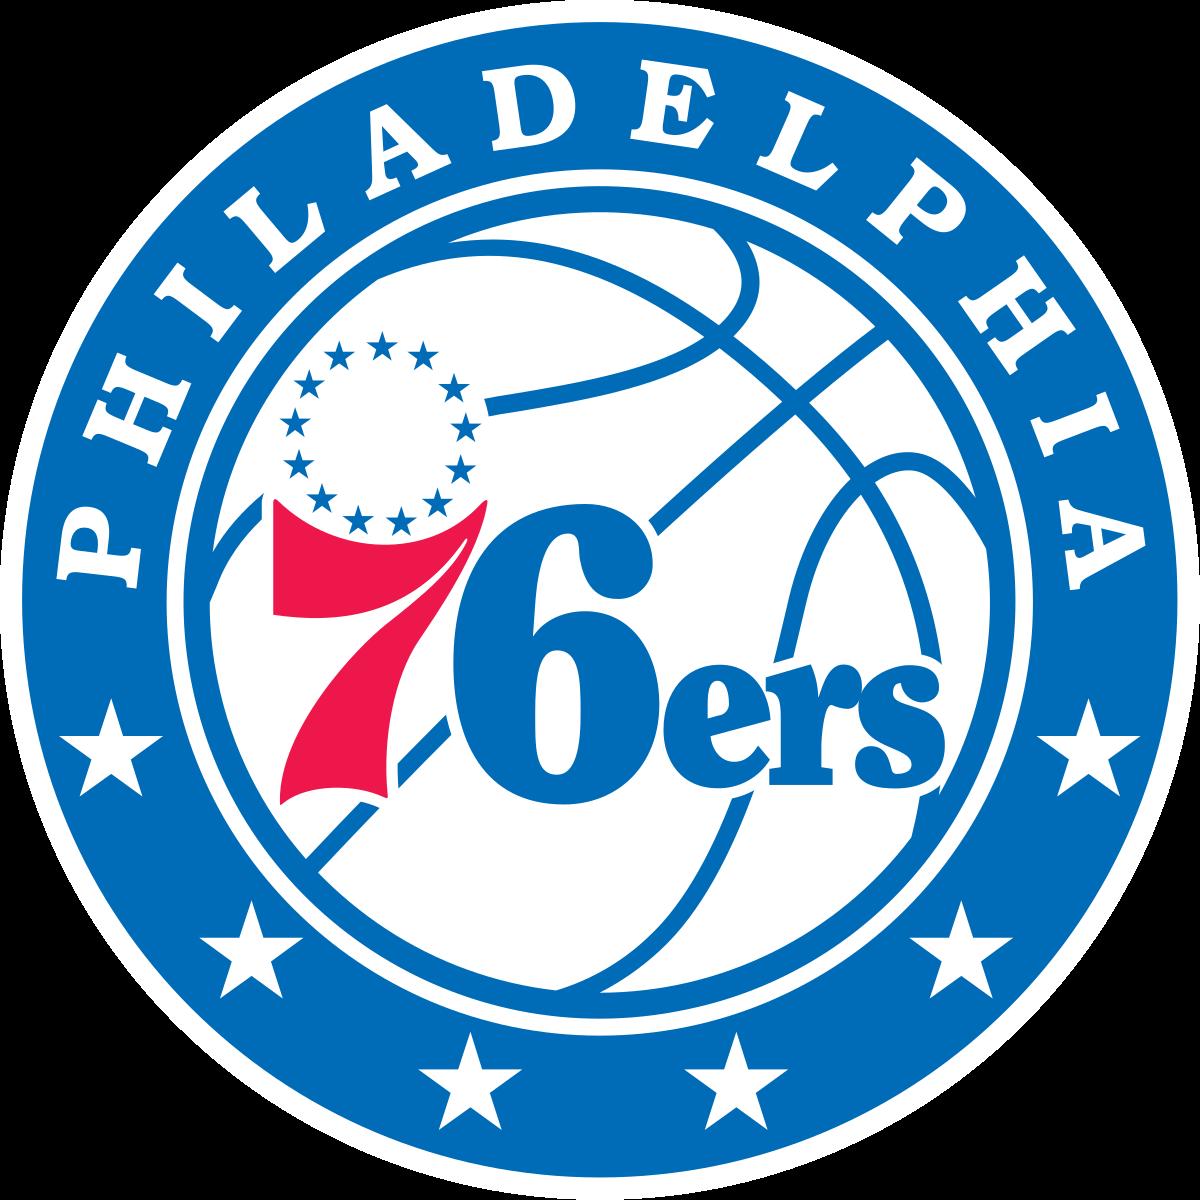 Philadelphia 76ers.